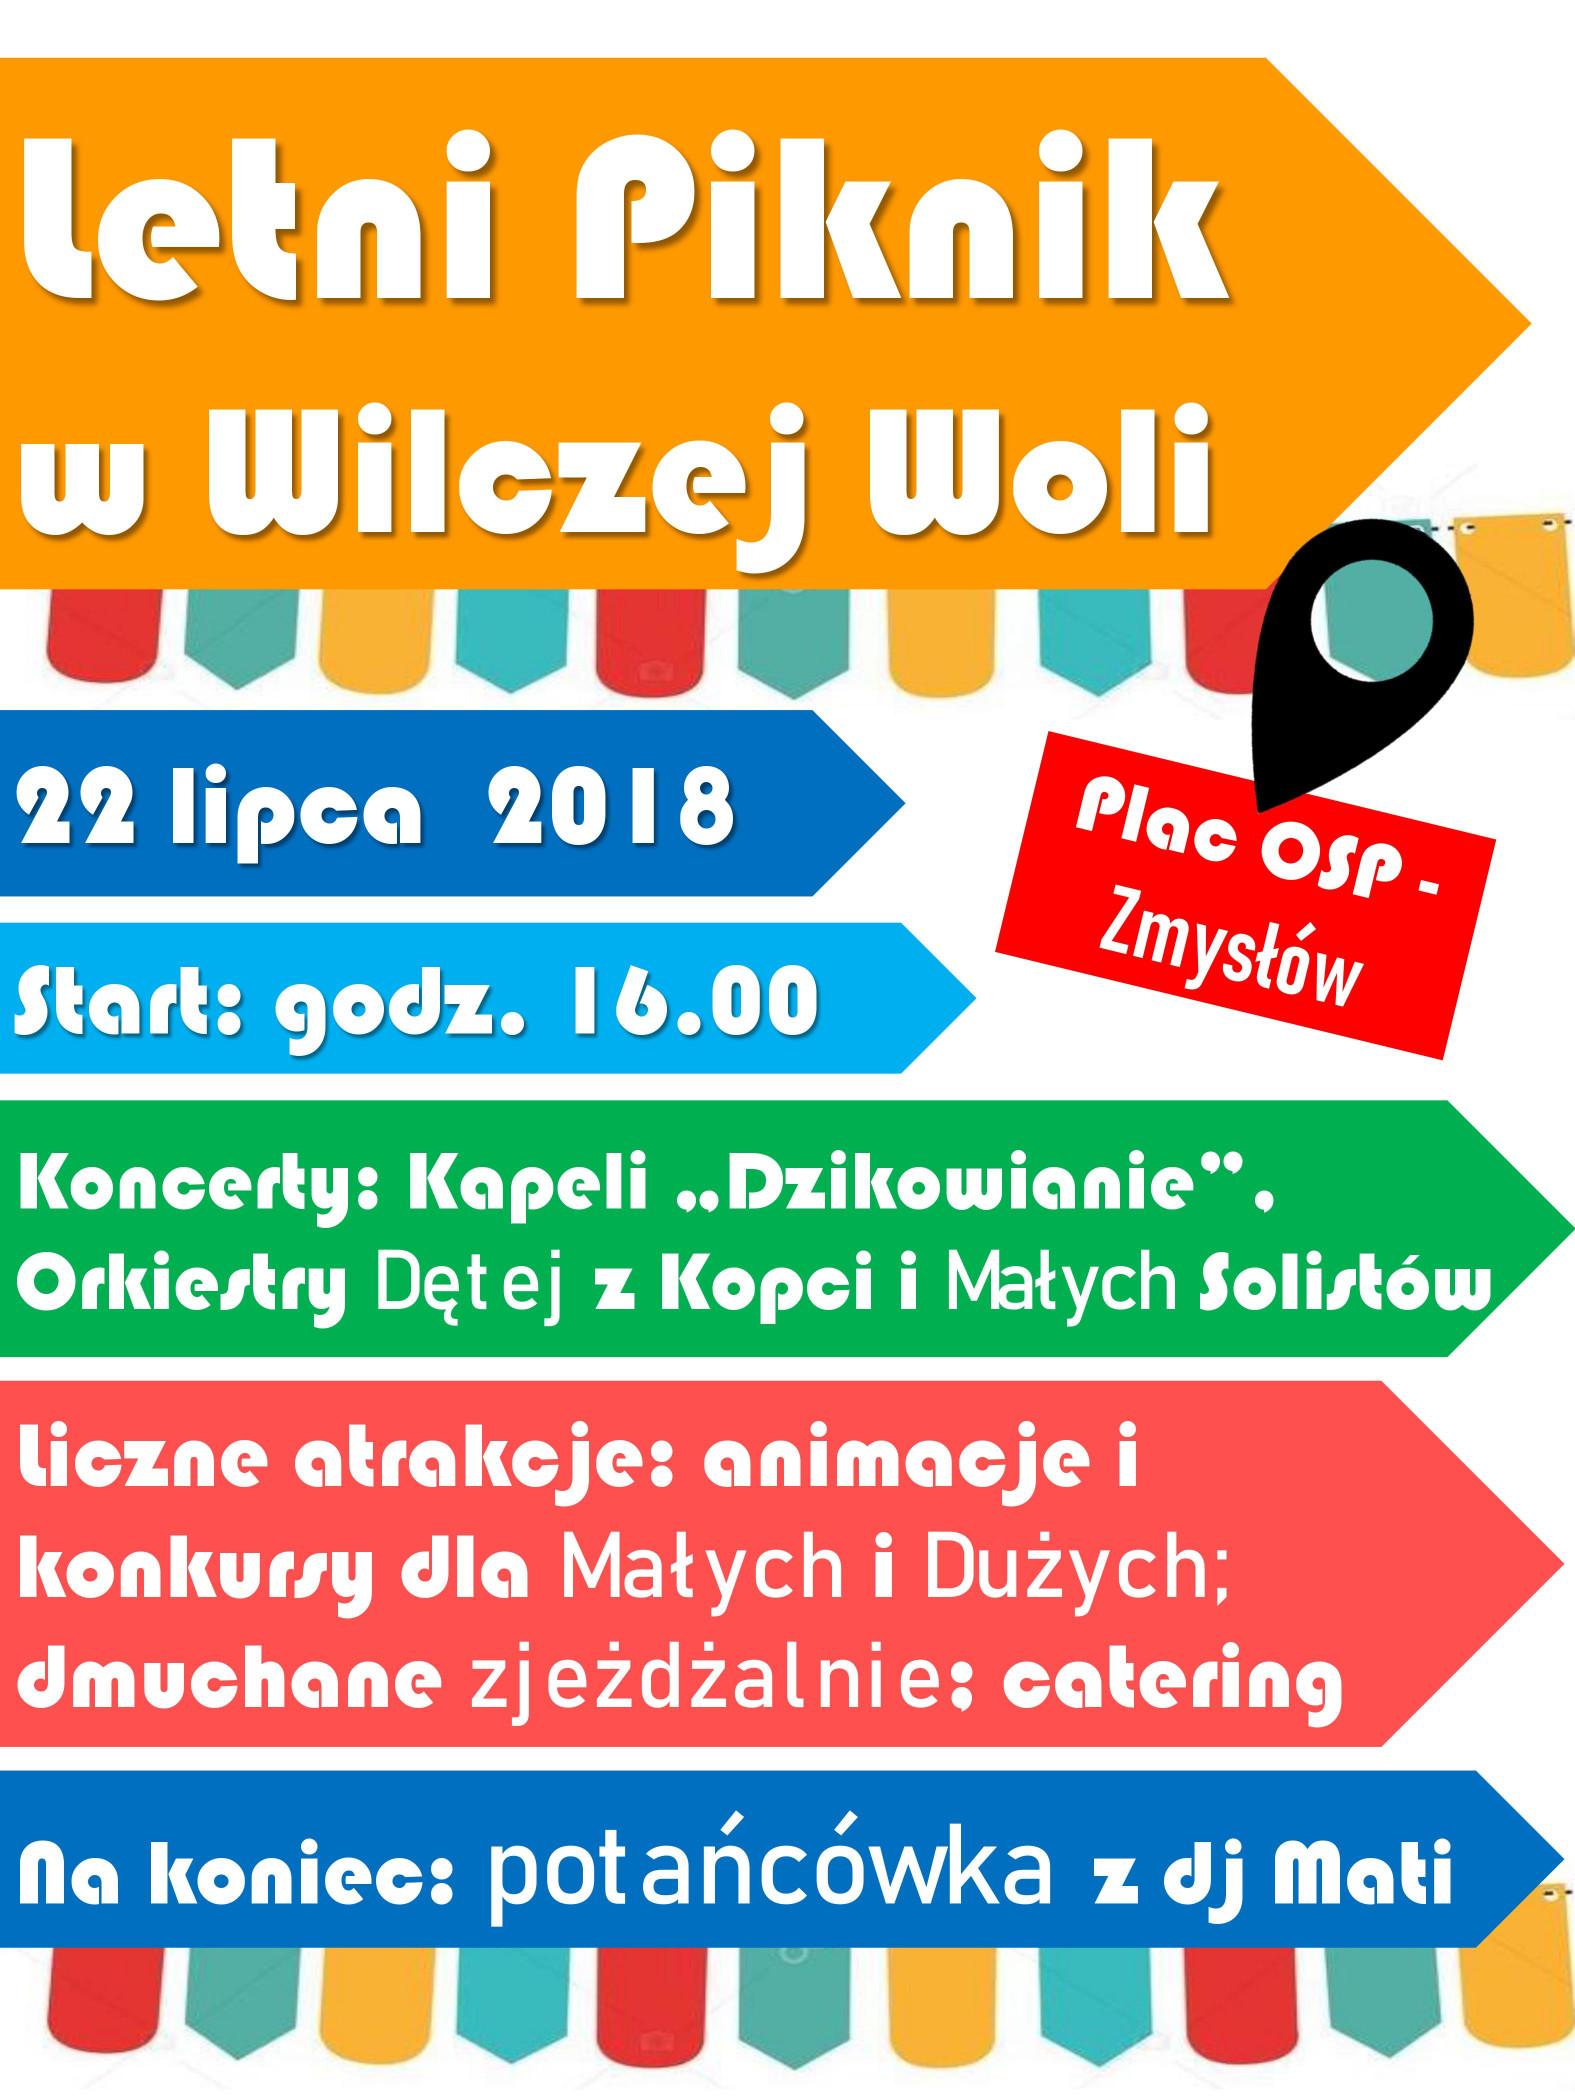 Gmina Dzikowiec. Letni piknik w Wilczej Woli, z myzyką i atracjami dla odwiedzających - Zdjęcie główne